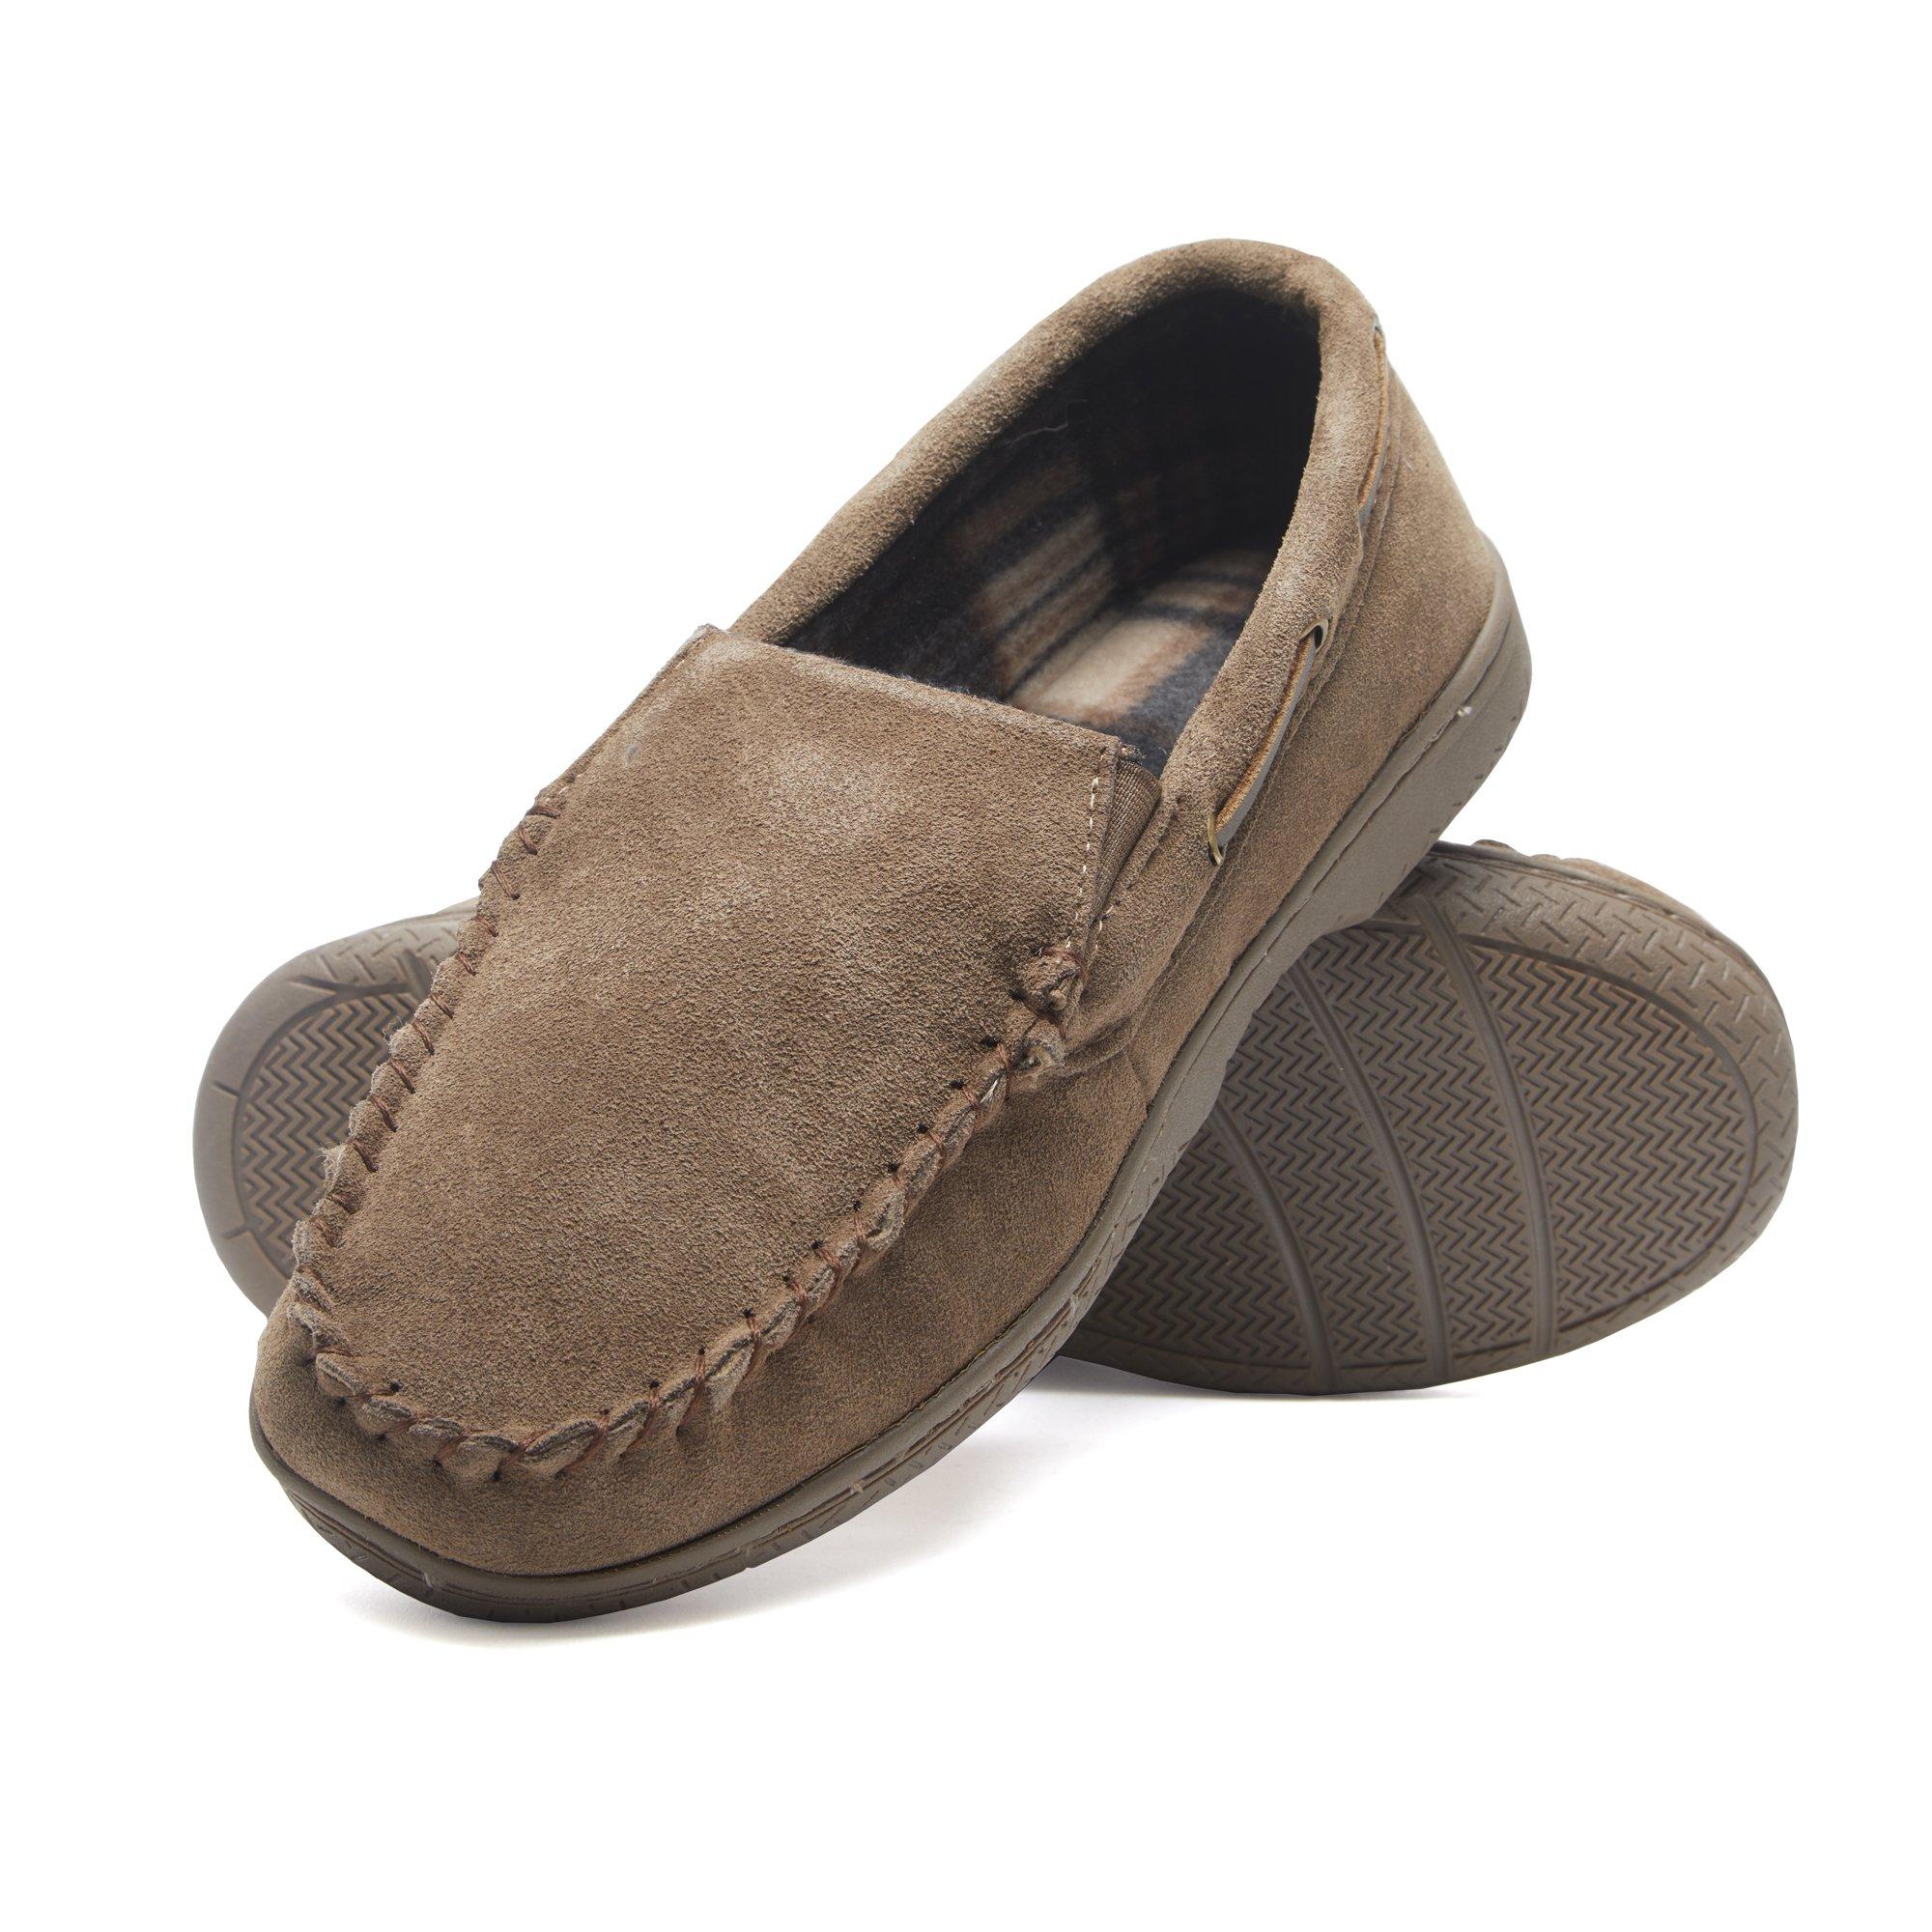 Heat Edge Mens Memory Foam Suede Slip on Indoor/Outdoor Venetian Moccasin Slipper Shoe (11, Taupe)